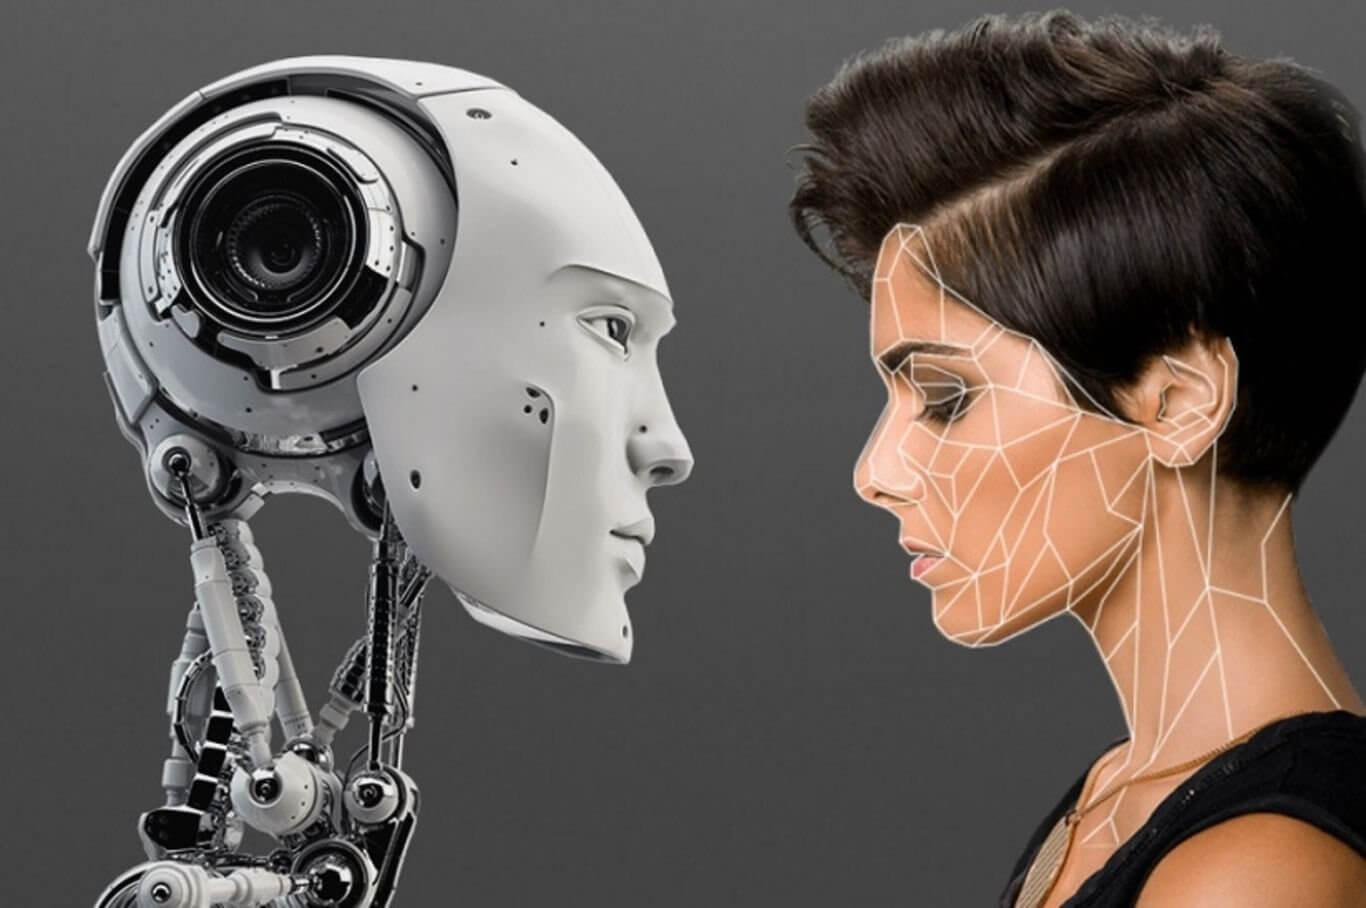 Искусственный интеллект научился распознавать эмоции. К чему это может привести?